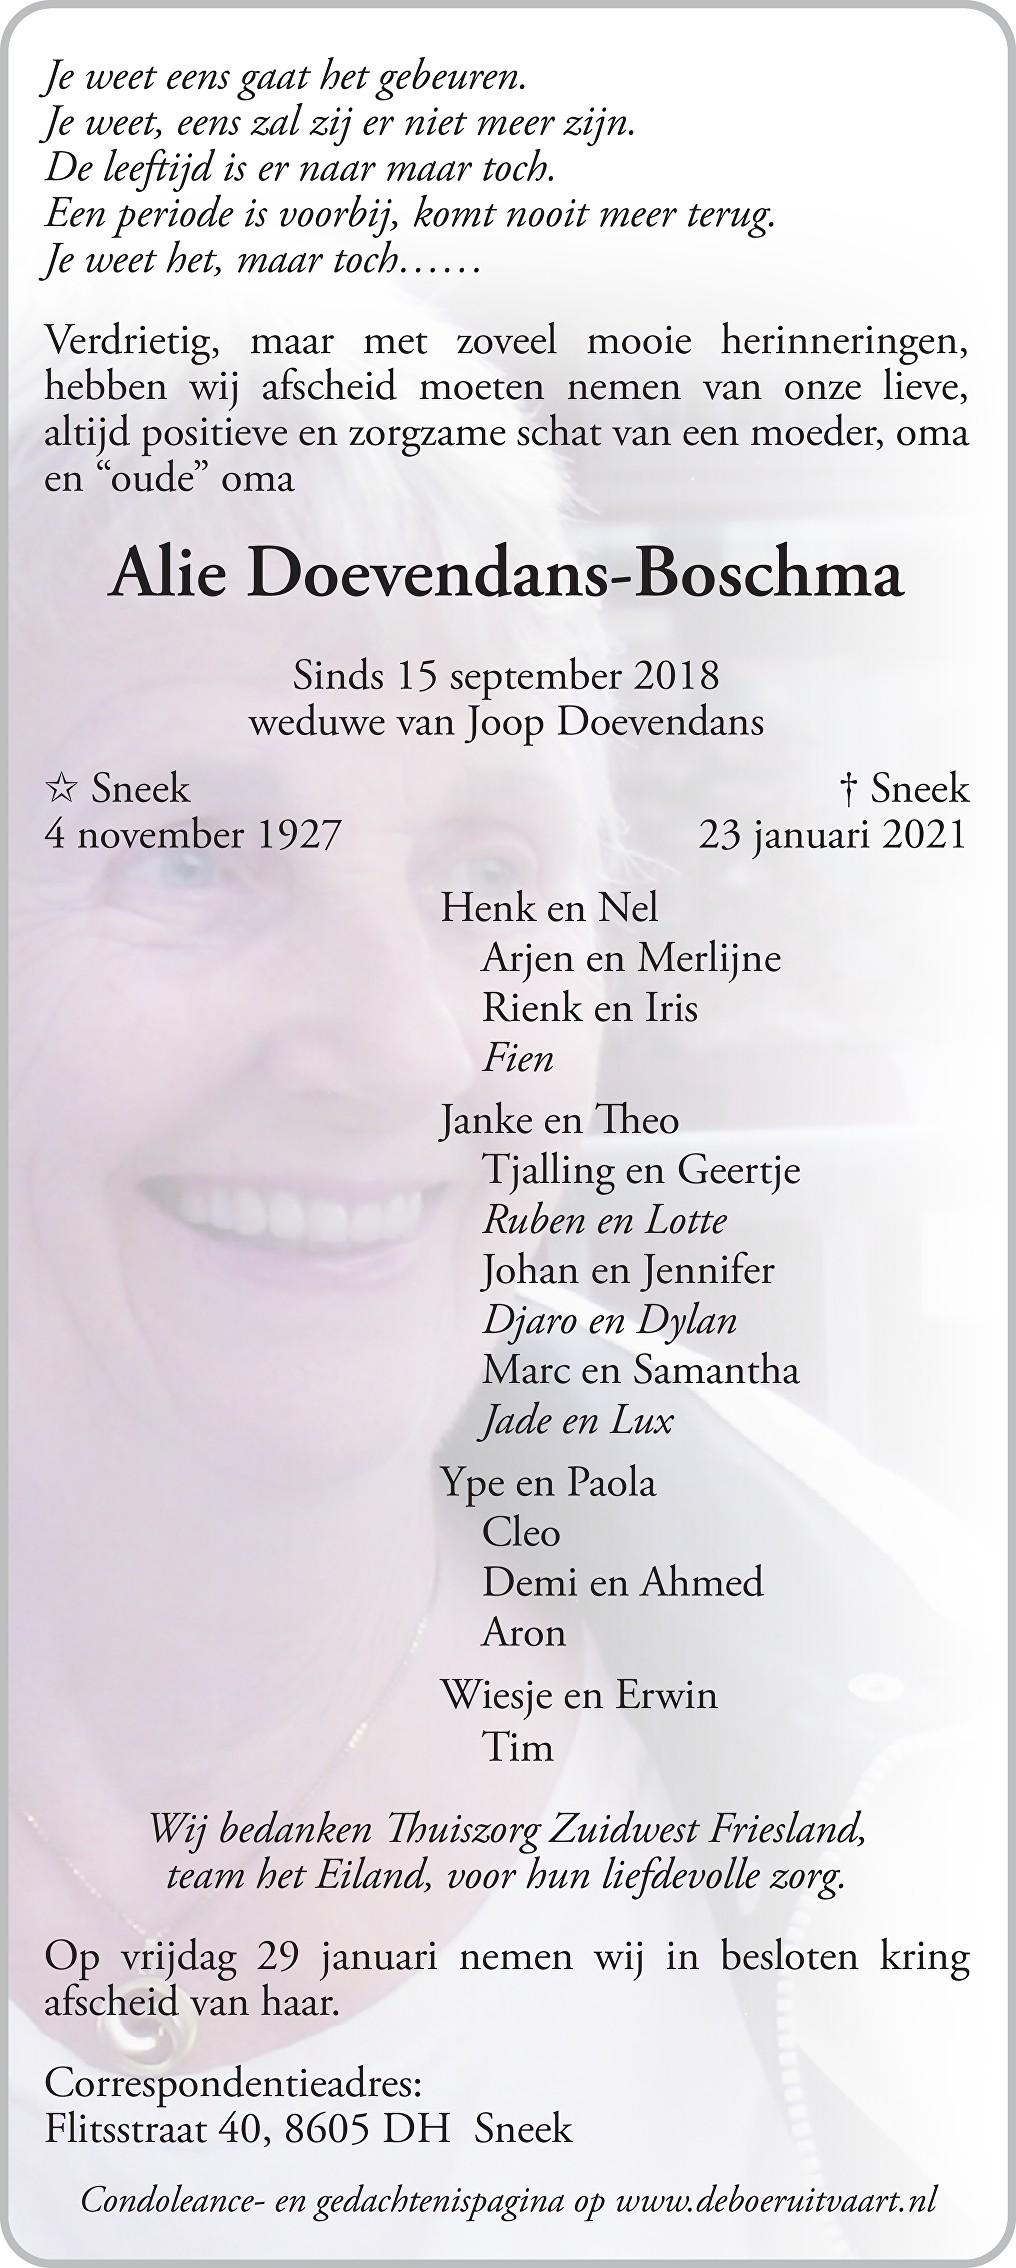 Alie Doevendans-Boschma Death notice